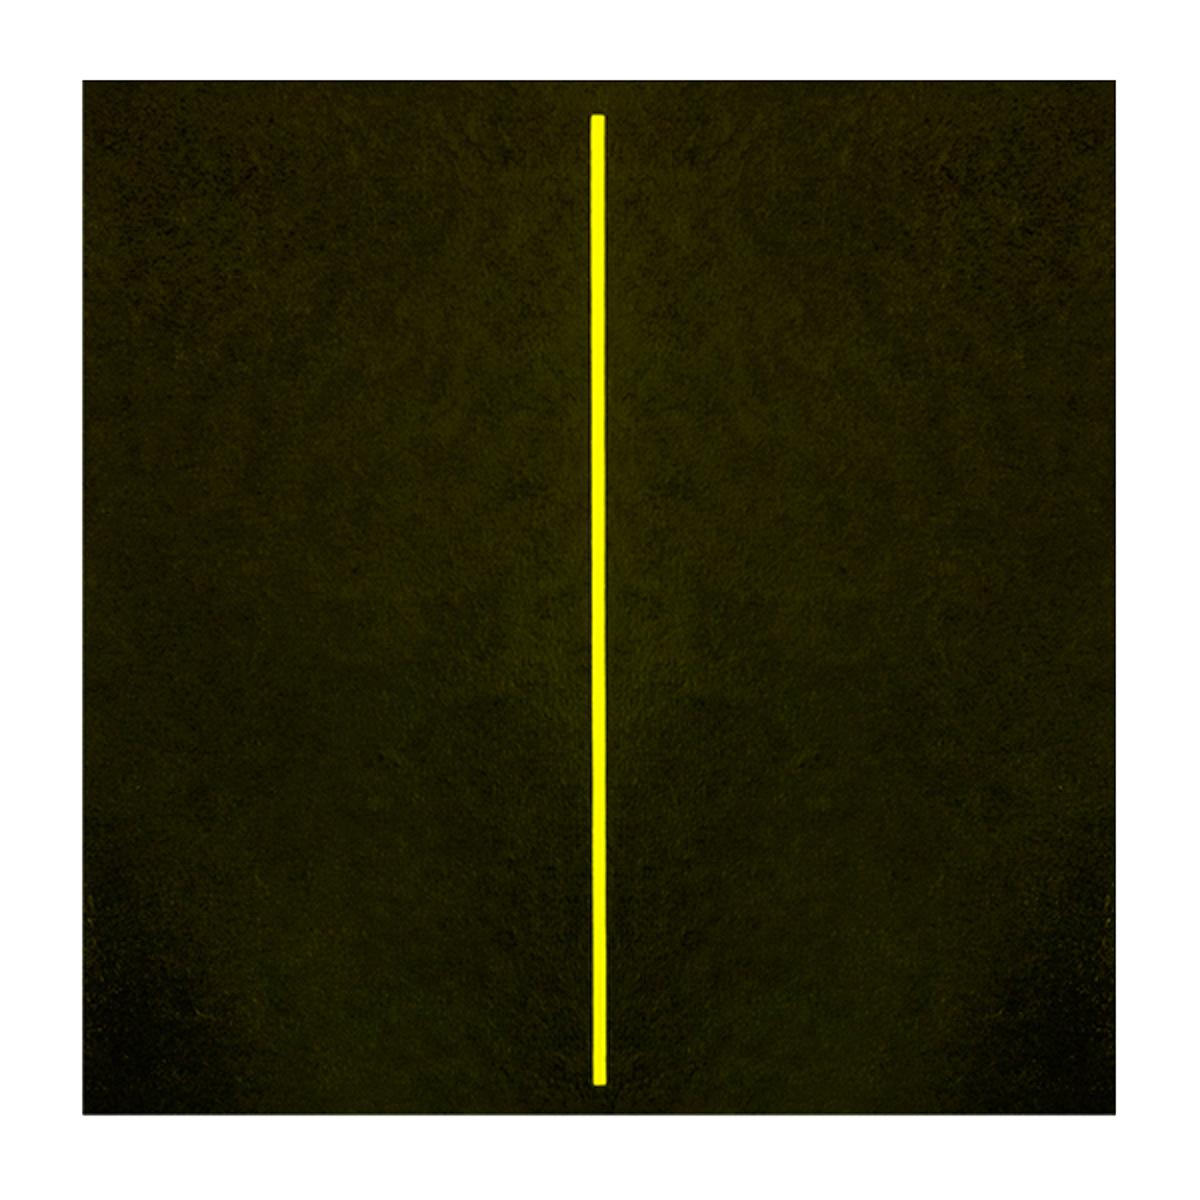 Peinture phosphorescente - C. jour